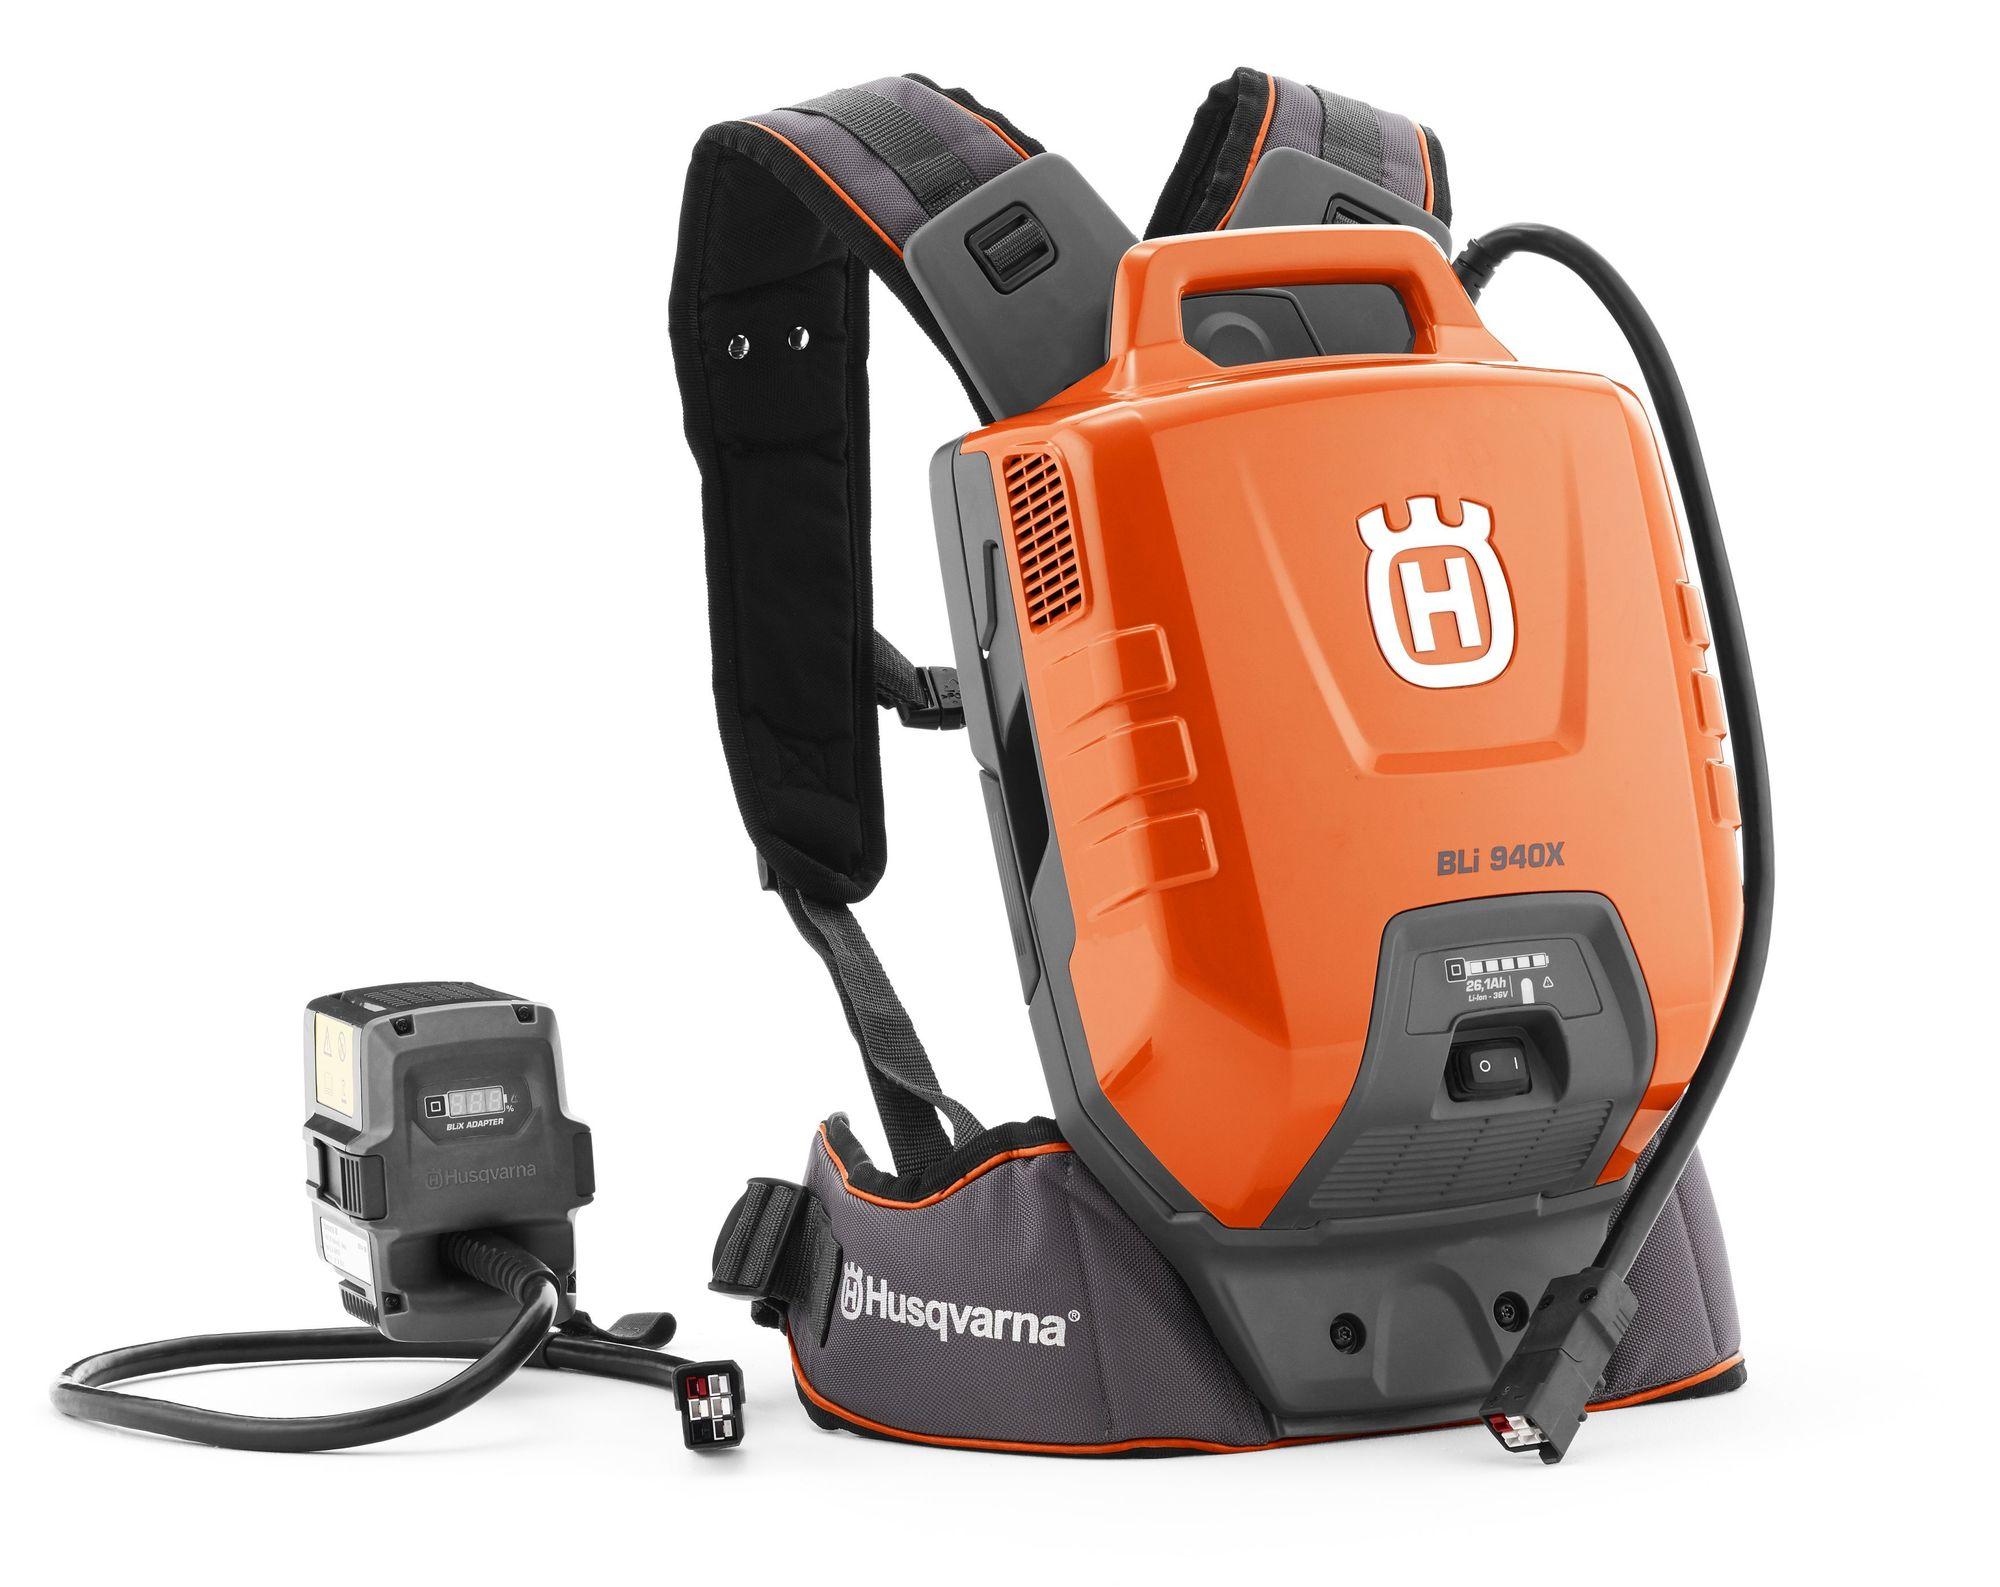 Batterie dorsale Husqvarna - BLi 520X